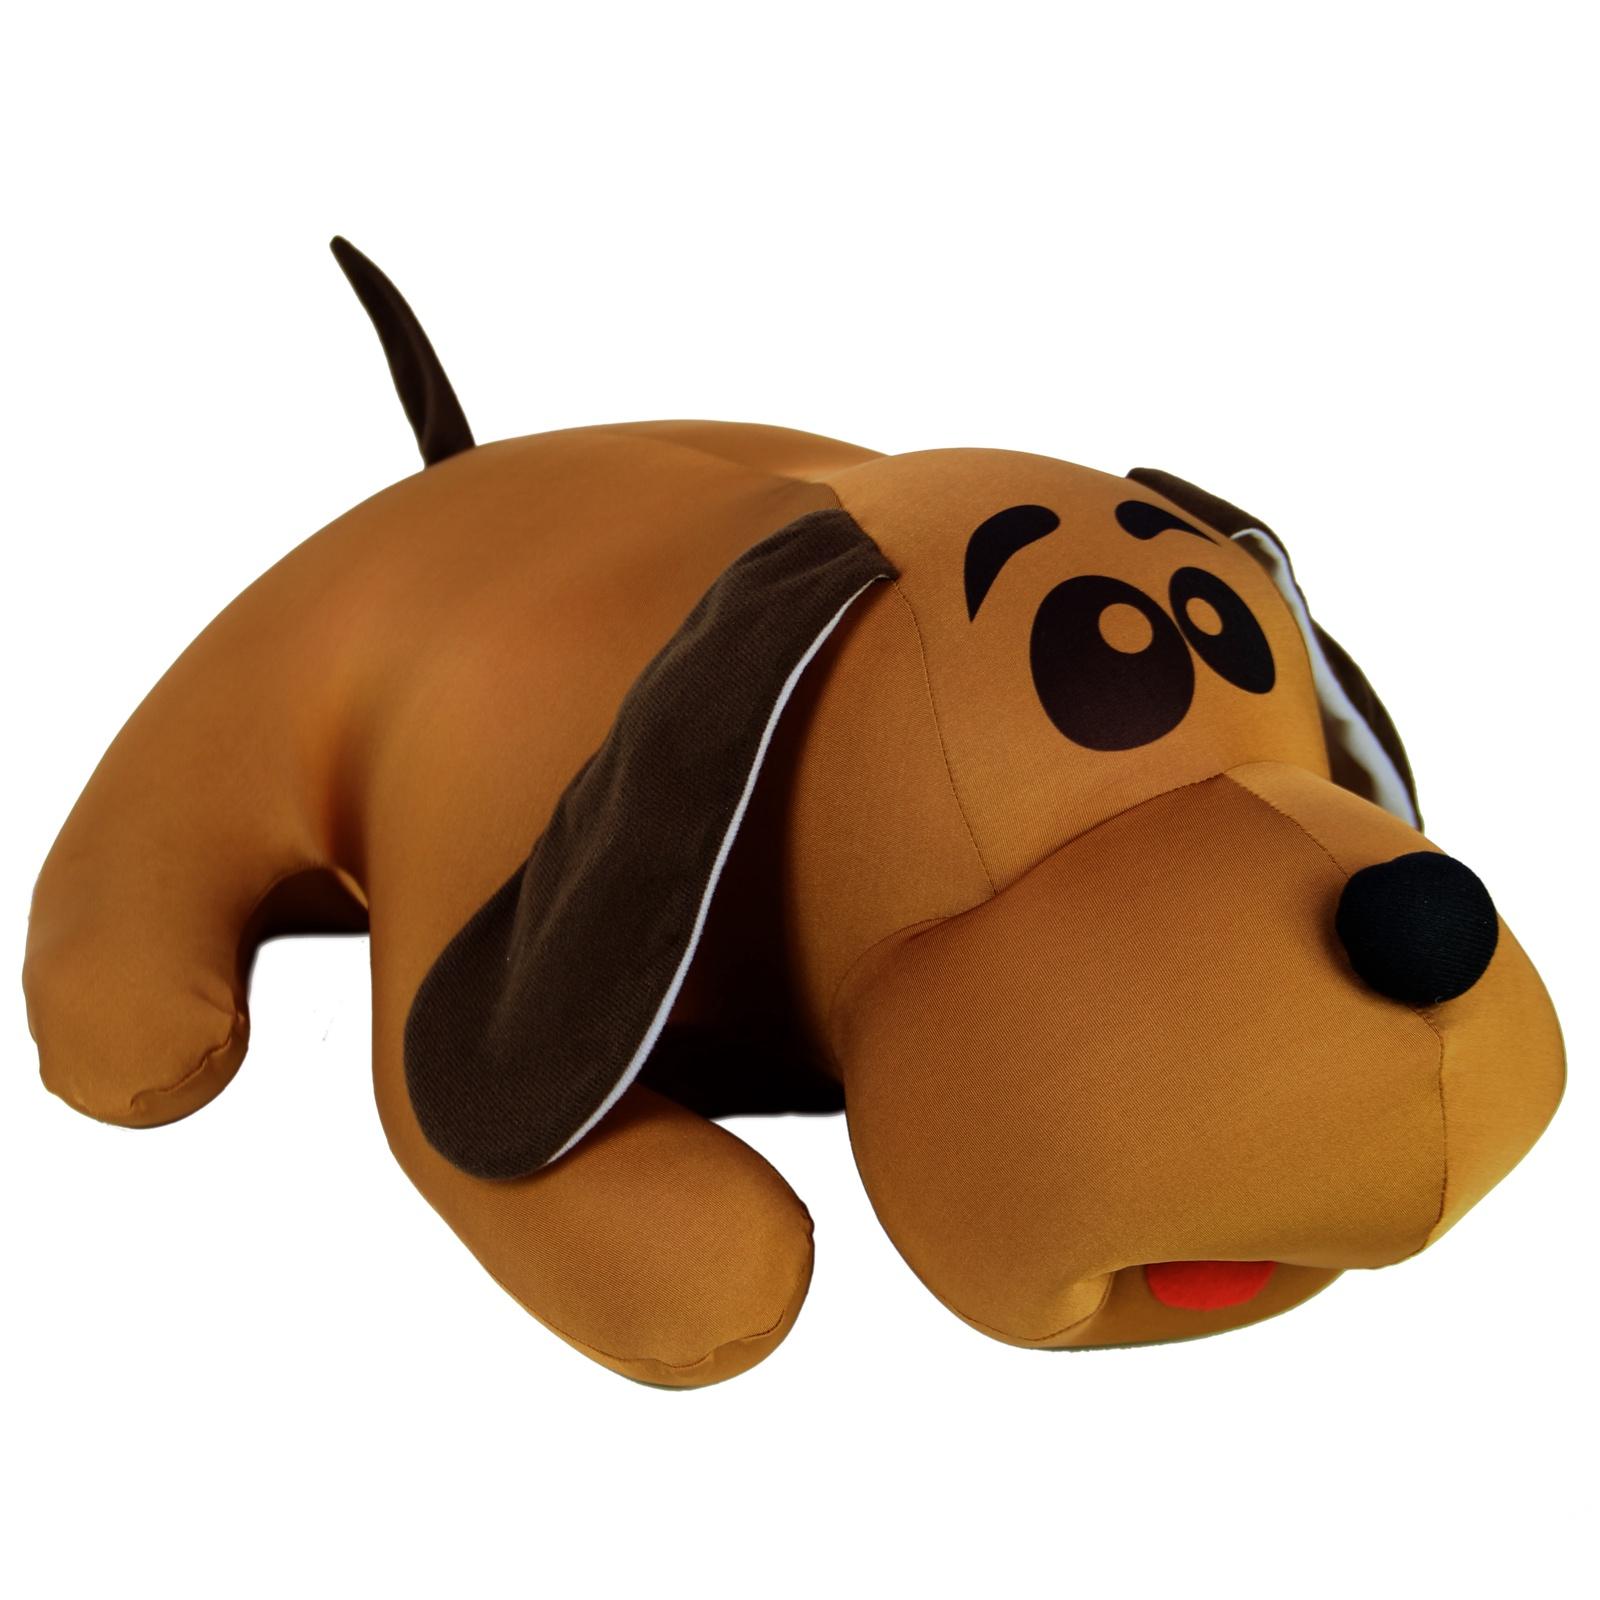 Мягкая игрушка Штучки, к которым тянутся ручки Джой средний коричневый